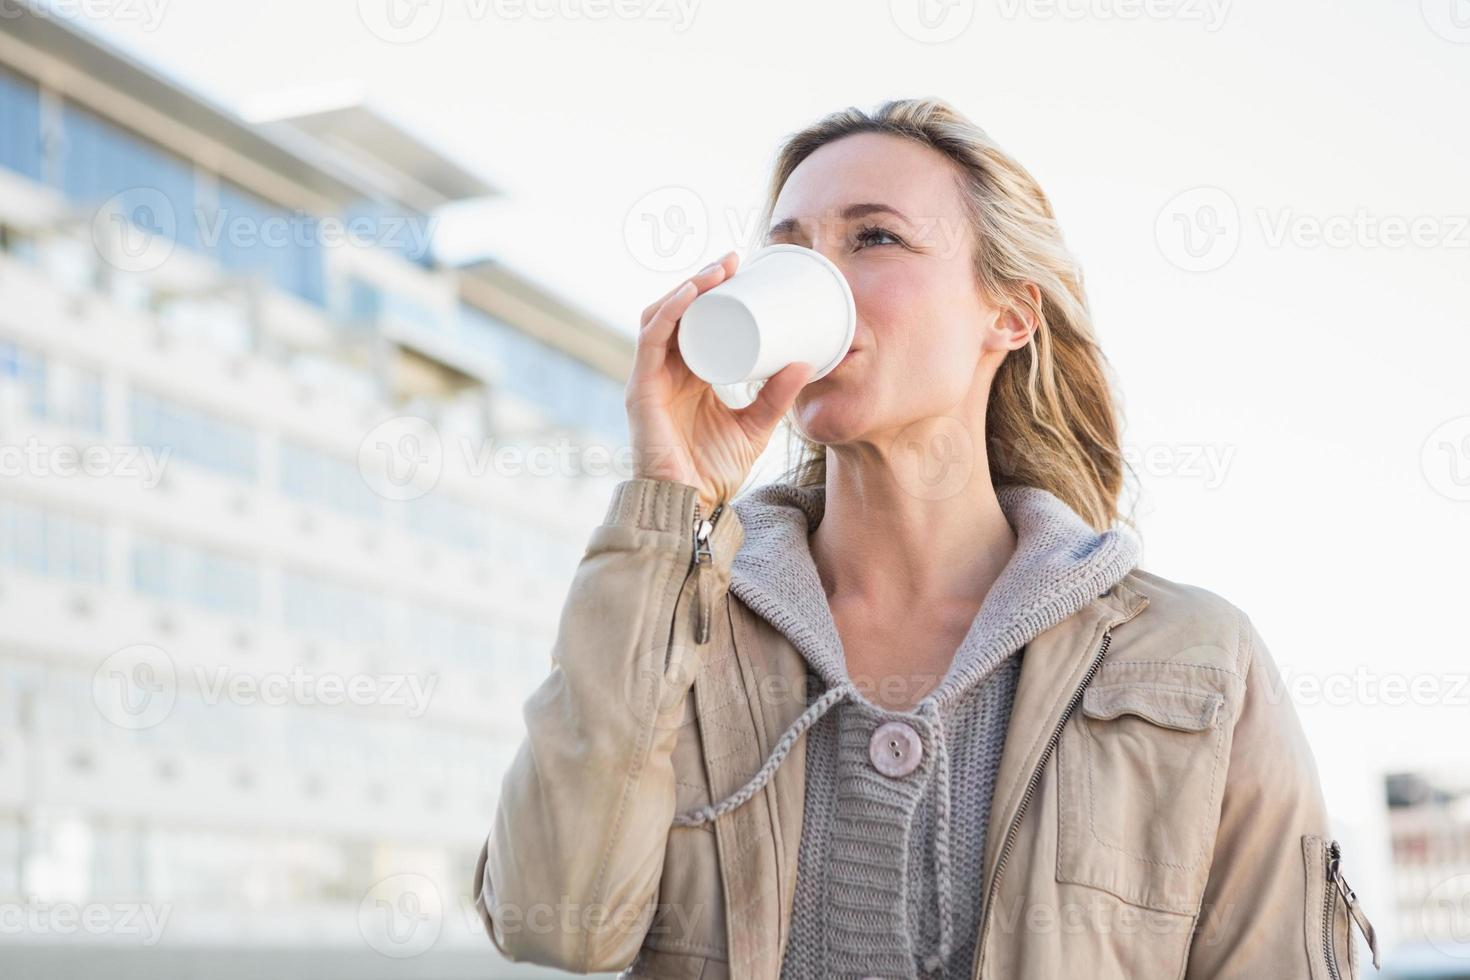 linda loira bebendo copo descartável foto